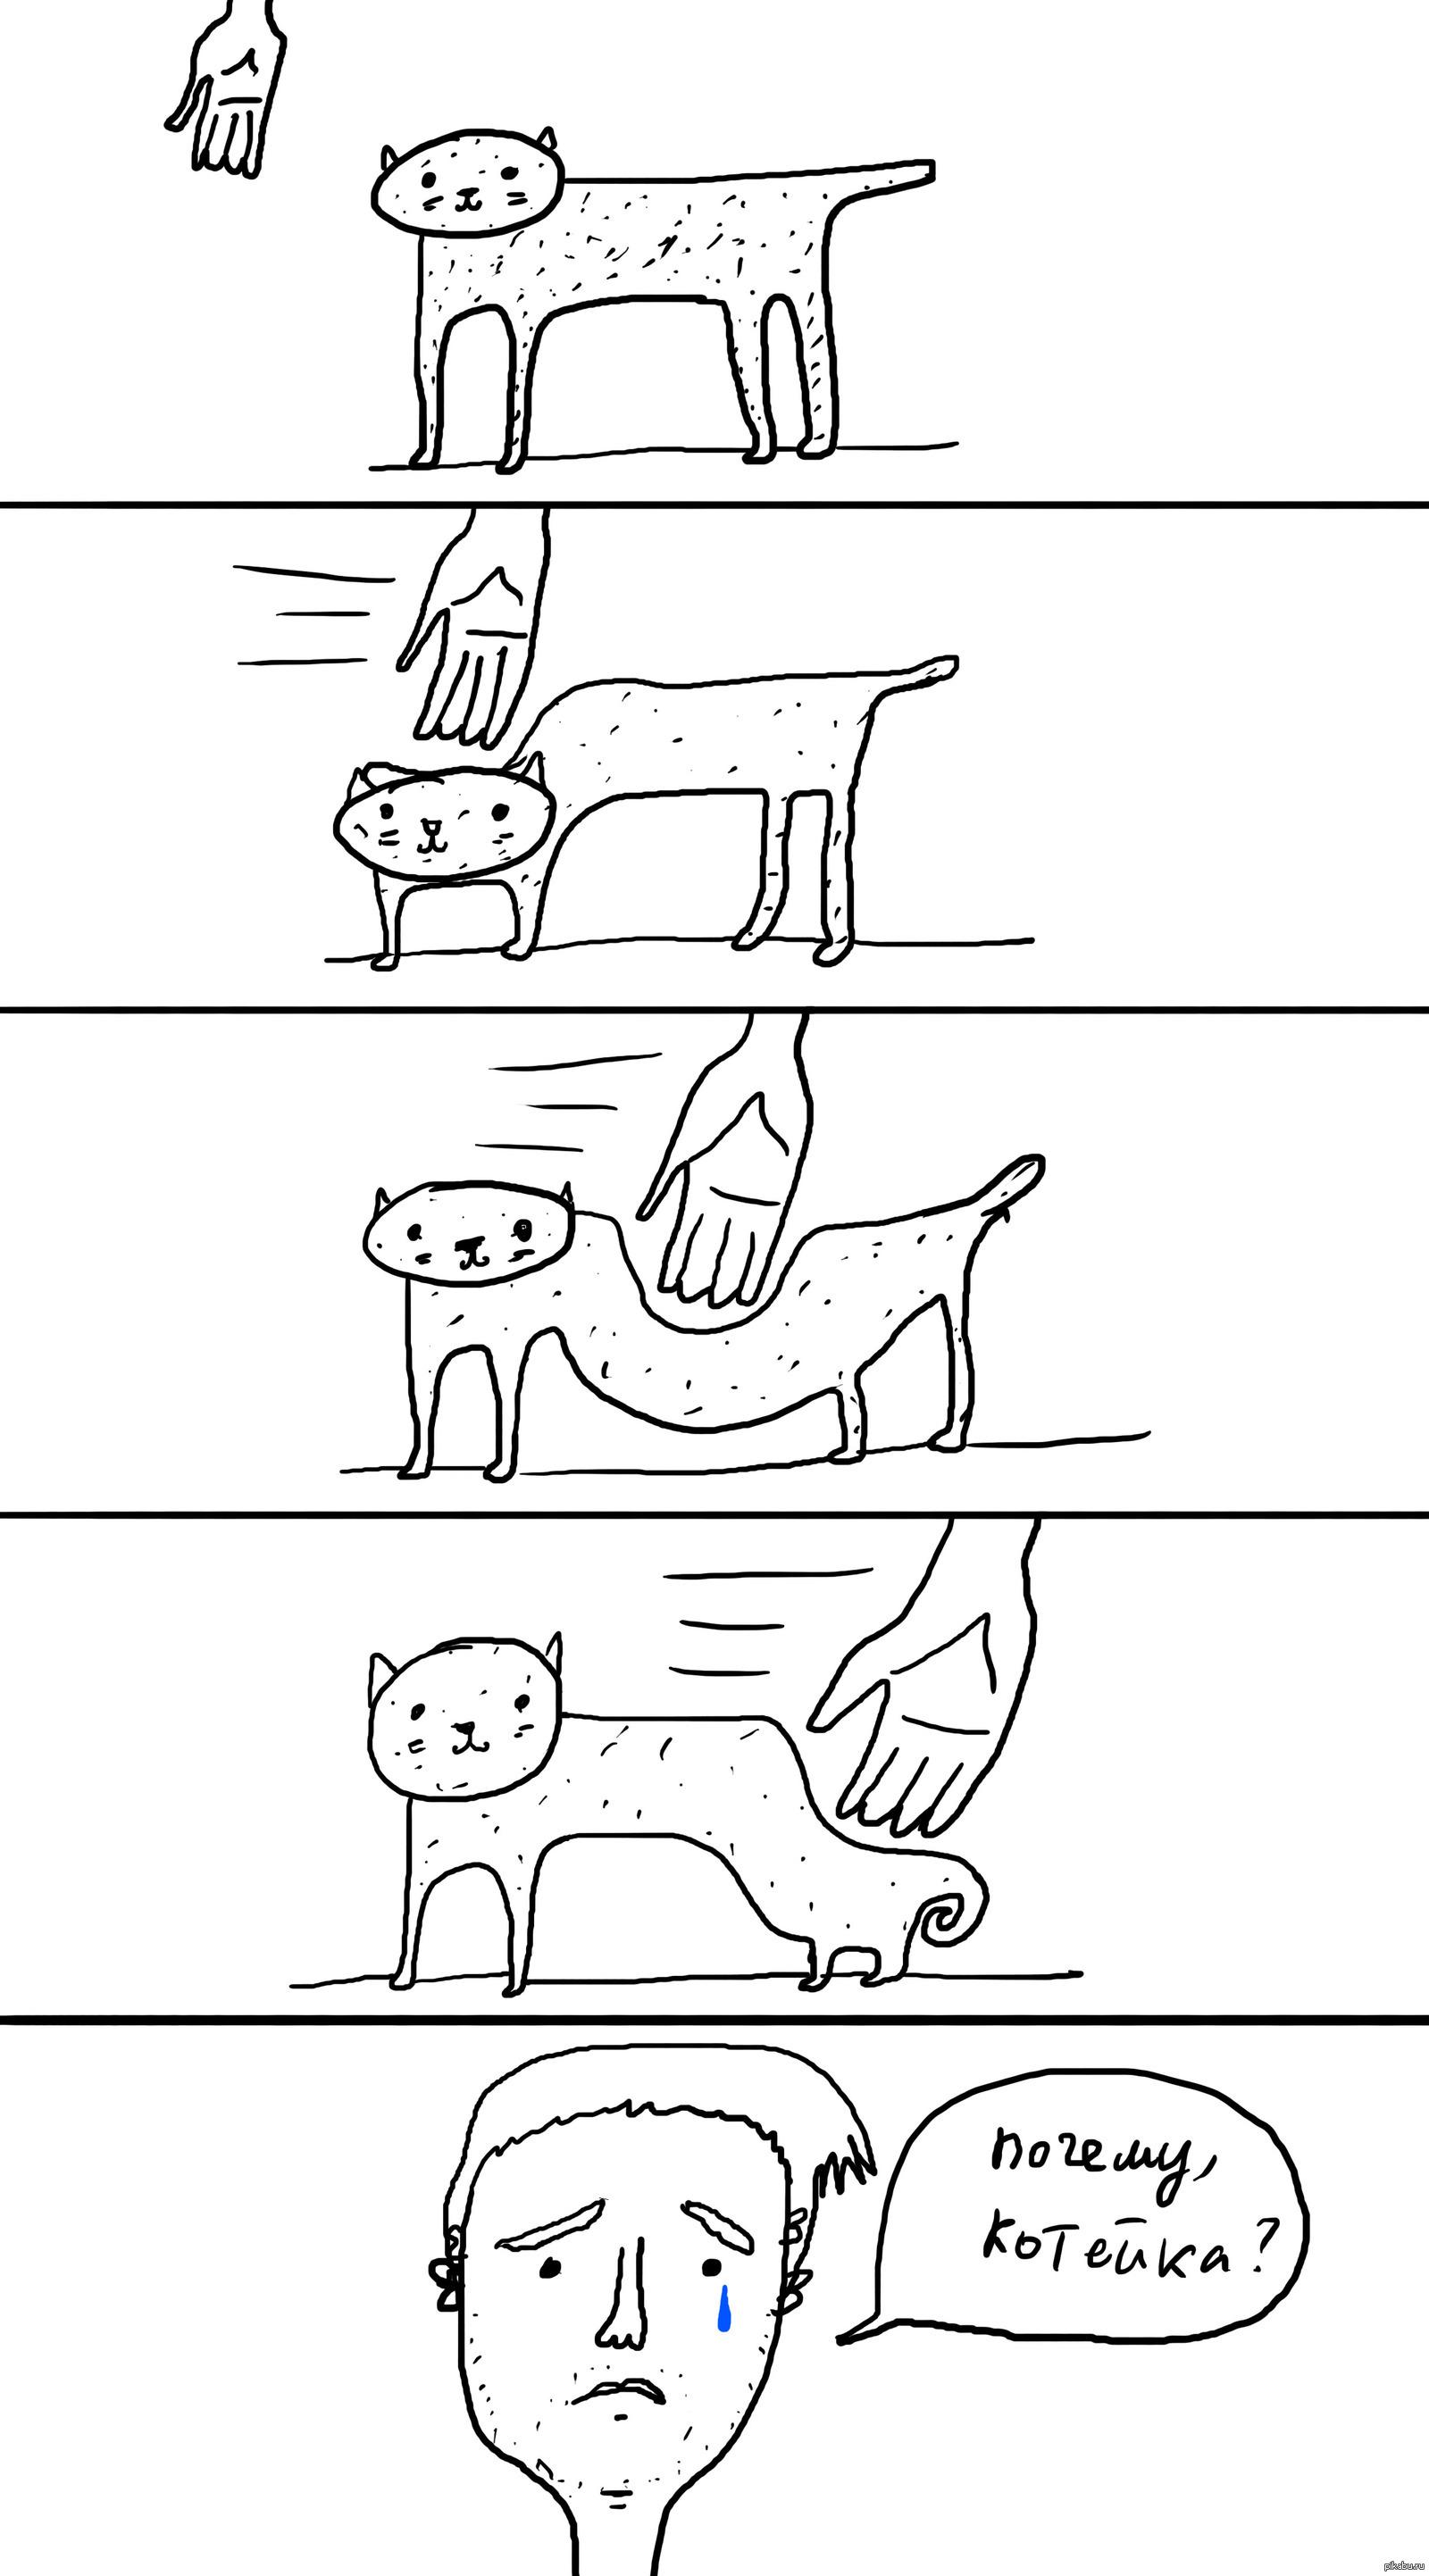 Имя кота из 4 букв